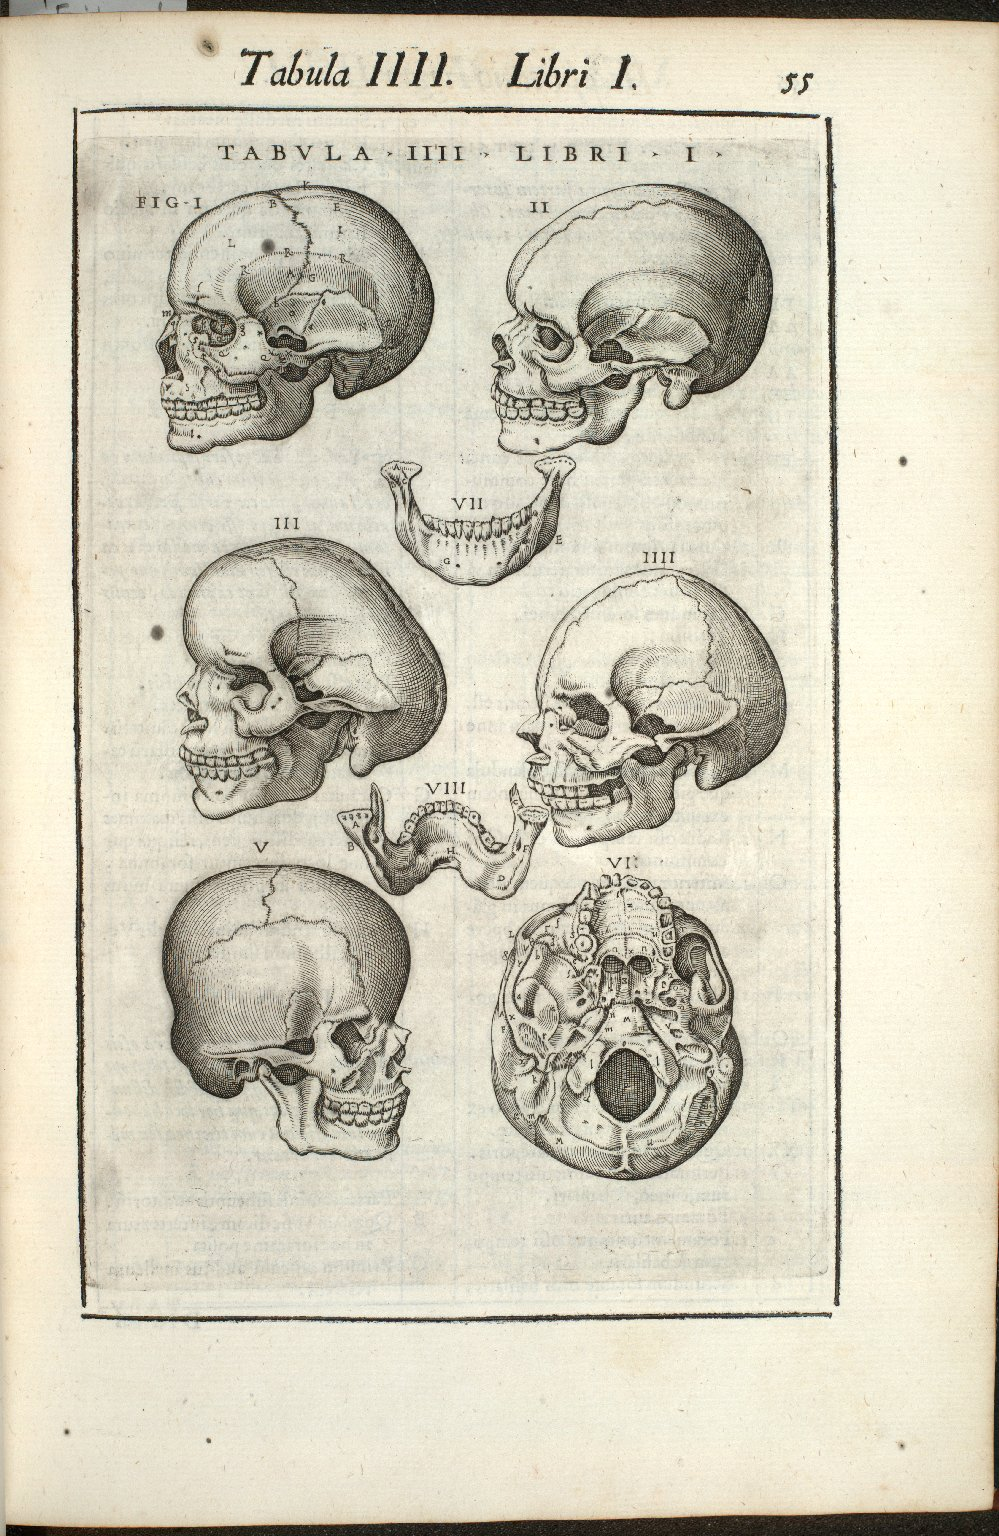 Tabula IIII. Libri I.